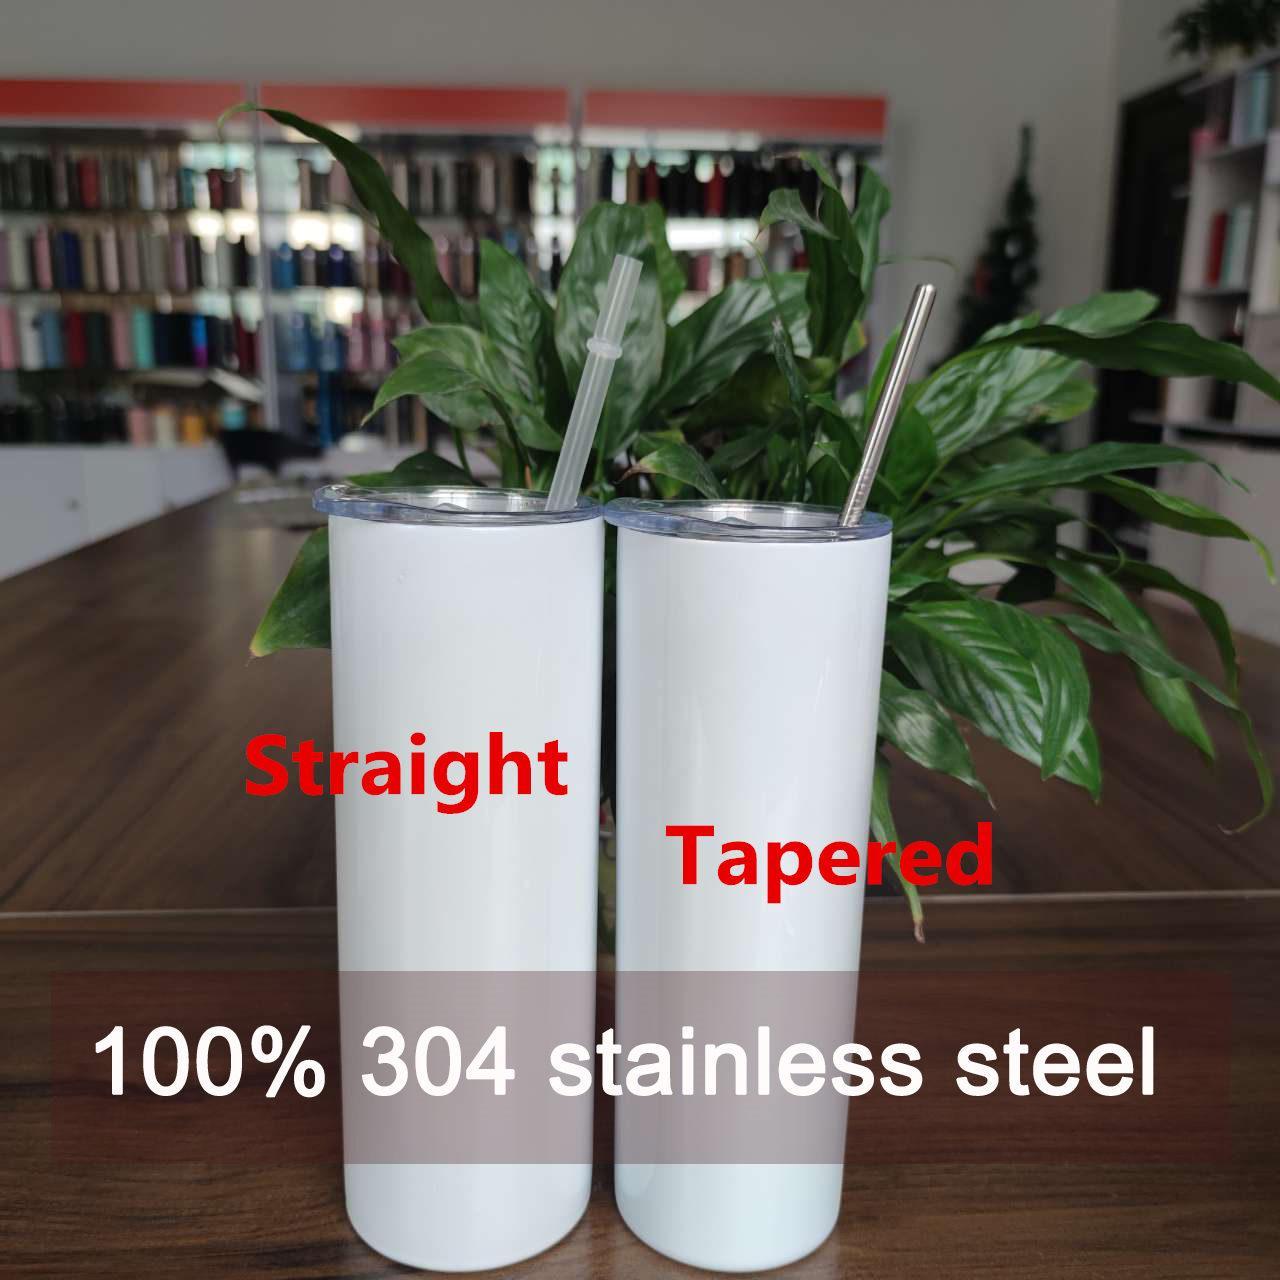 الأسهم الأمريكية مستقيم 20 أوقية التسامي بهلوان فارغة 100٪ 304 الفولاذ المقاوم للصدأ بهلوان الكؤوس فراغ معزول 600 ملليلتر بهلوان أكواب القهوة الأبيض